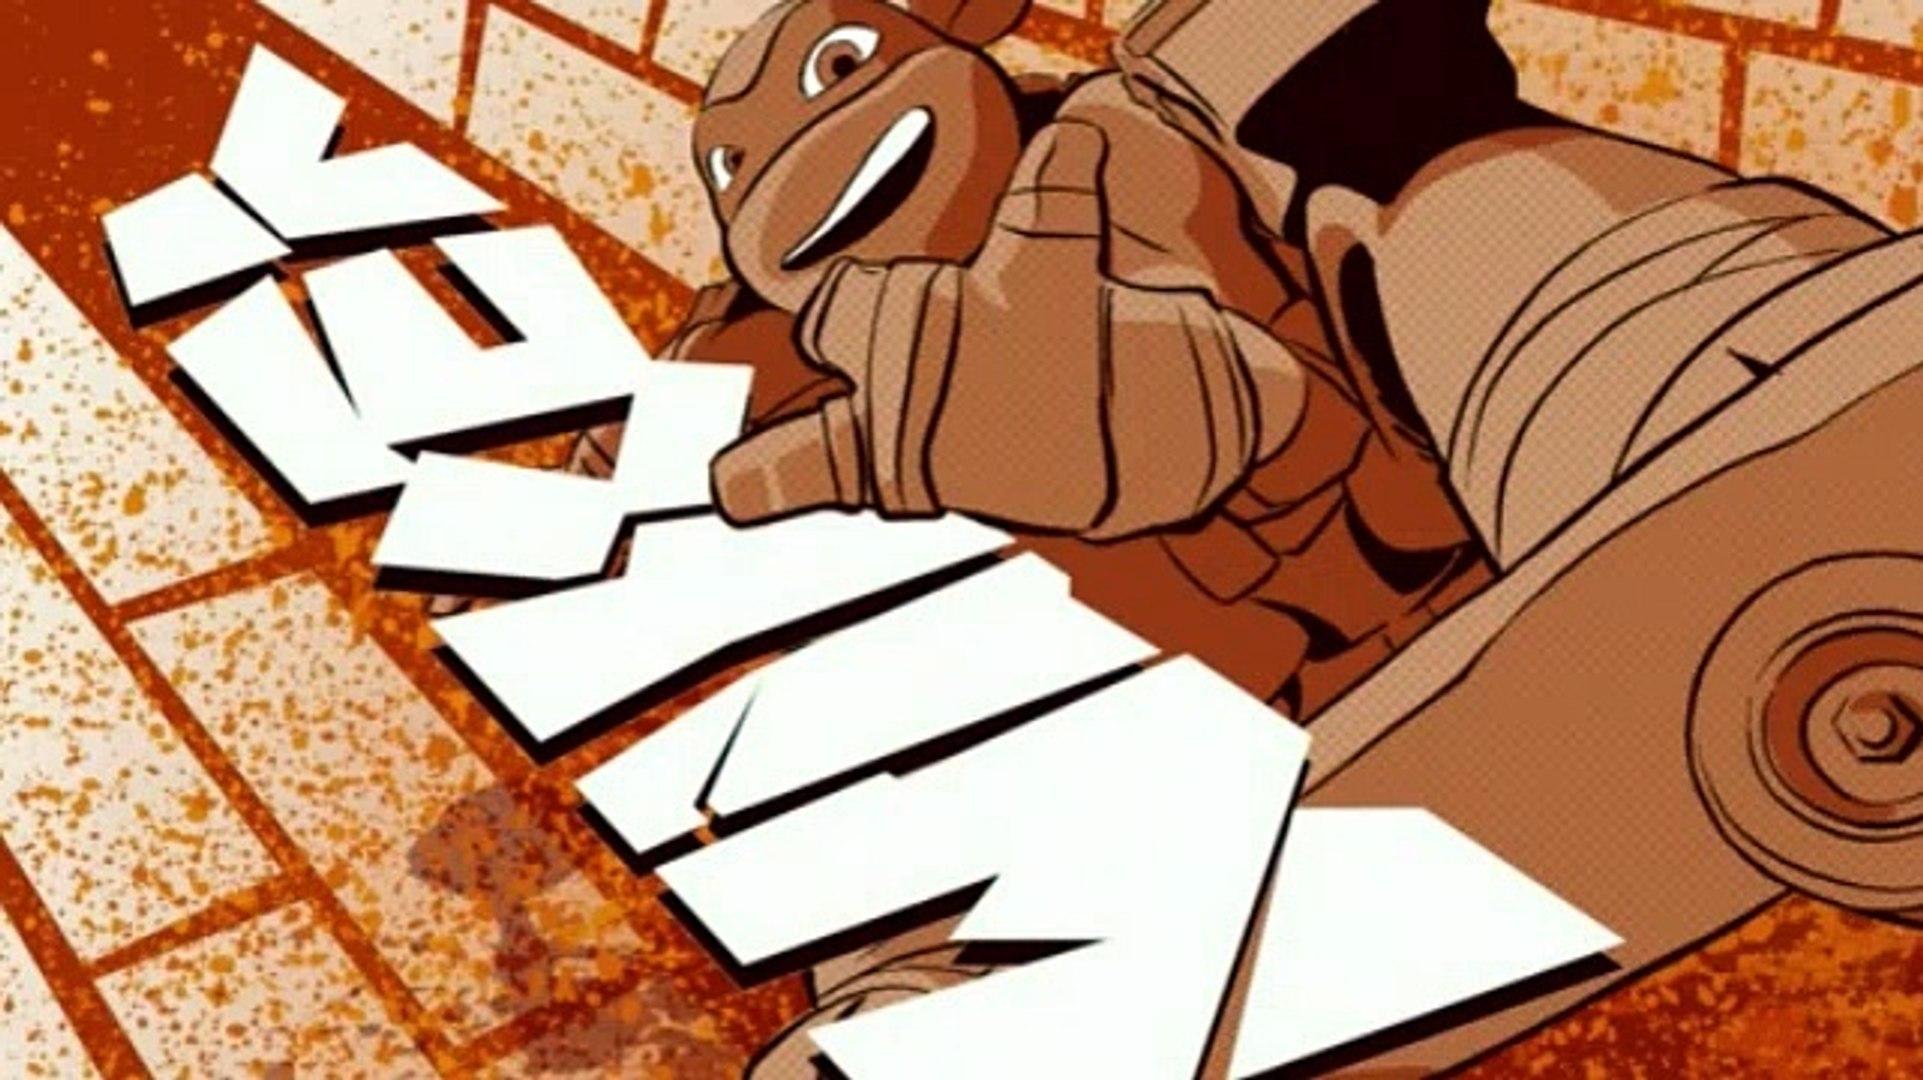 Teenage Mutant Ninja Turtles S04e21 Darkest Plight Video Dailymotion